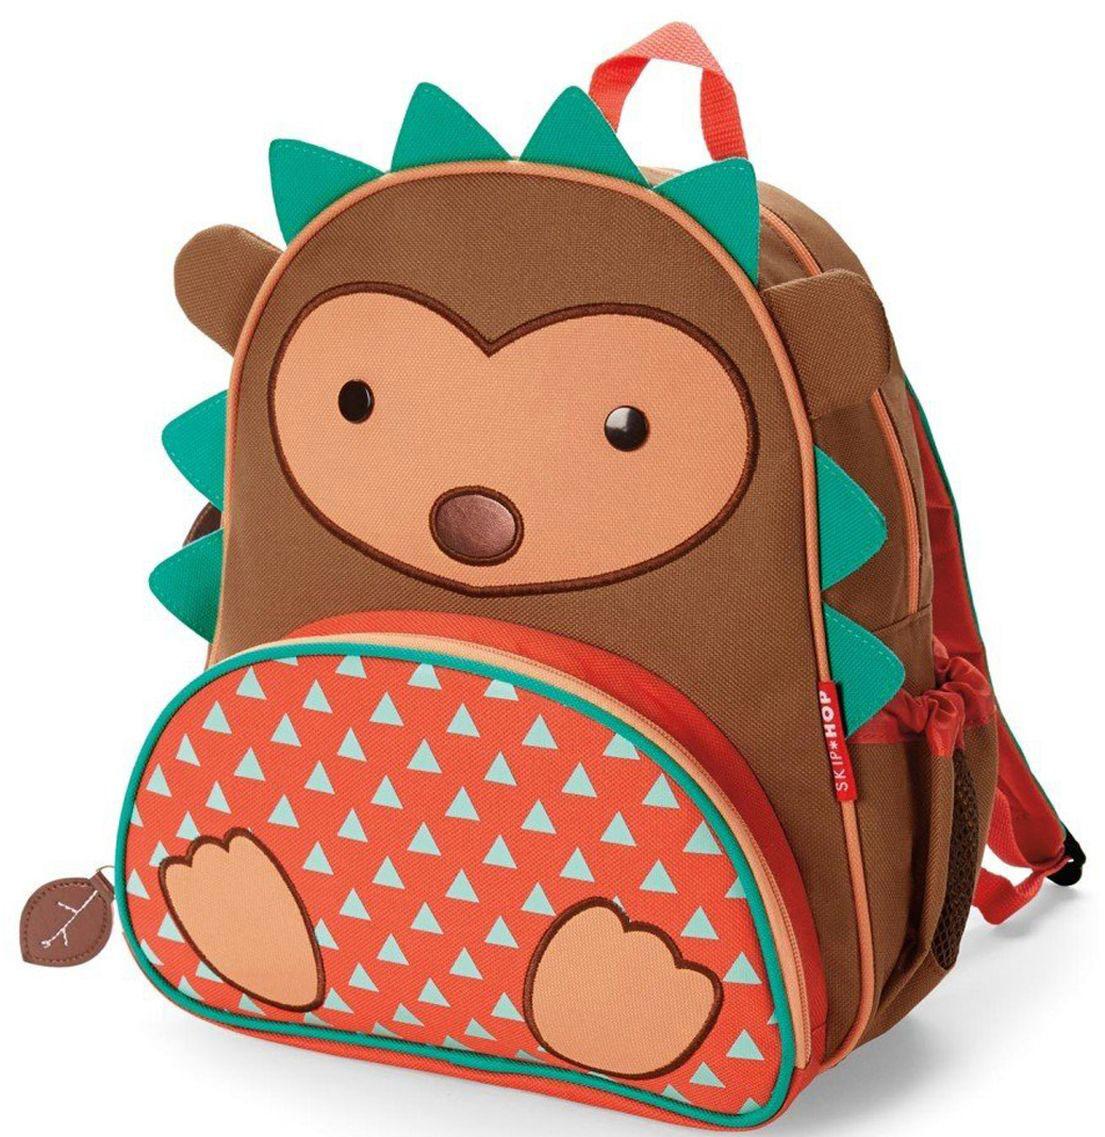 Skip Hop Рюкзак дошкольный ЕжикSH 210221Дошкольный рюкзак Skip Hop каждый день будет радовать вашего малыша, вызывать улыбки у прохожих и зависть у сверстников. С ним можно ходить в детский сад, на прогулку, в гости к бабушке или ездить на экскурсии.Рюкзак имеет одно основное отделение на застежке-молнии, в которое легко поместятся книжка, альбом для рисования, краски, фломастеры, любимая игрушка и контейнер с едой, а кармашек сбоку предназначен специально для бутылочки с водой. Передний карман на молнии предназначен для мелких вещей.Рюкзак оснащен ручкой для переноски в руках и лямками регулируемой длины.